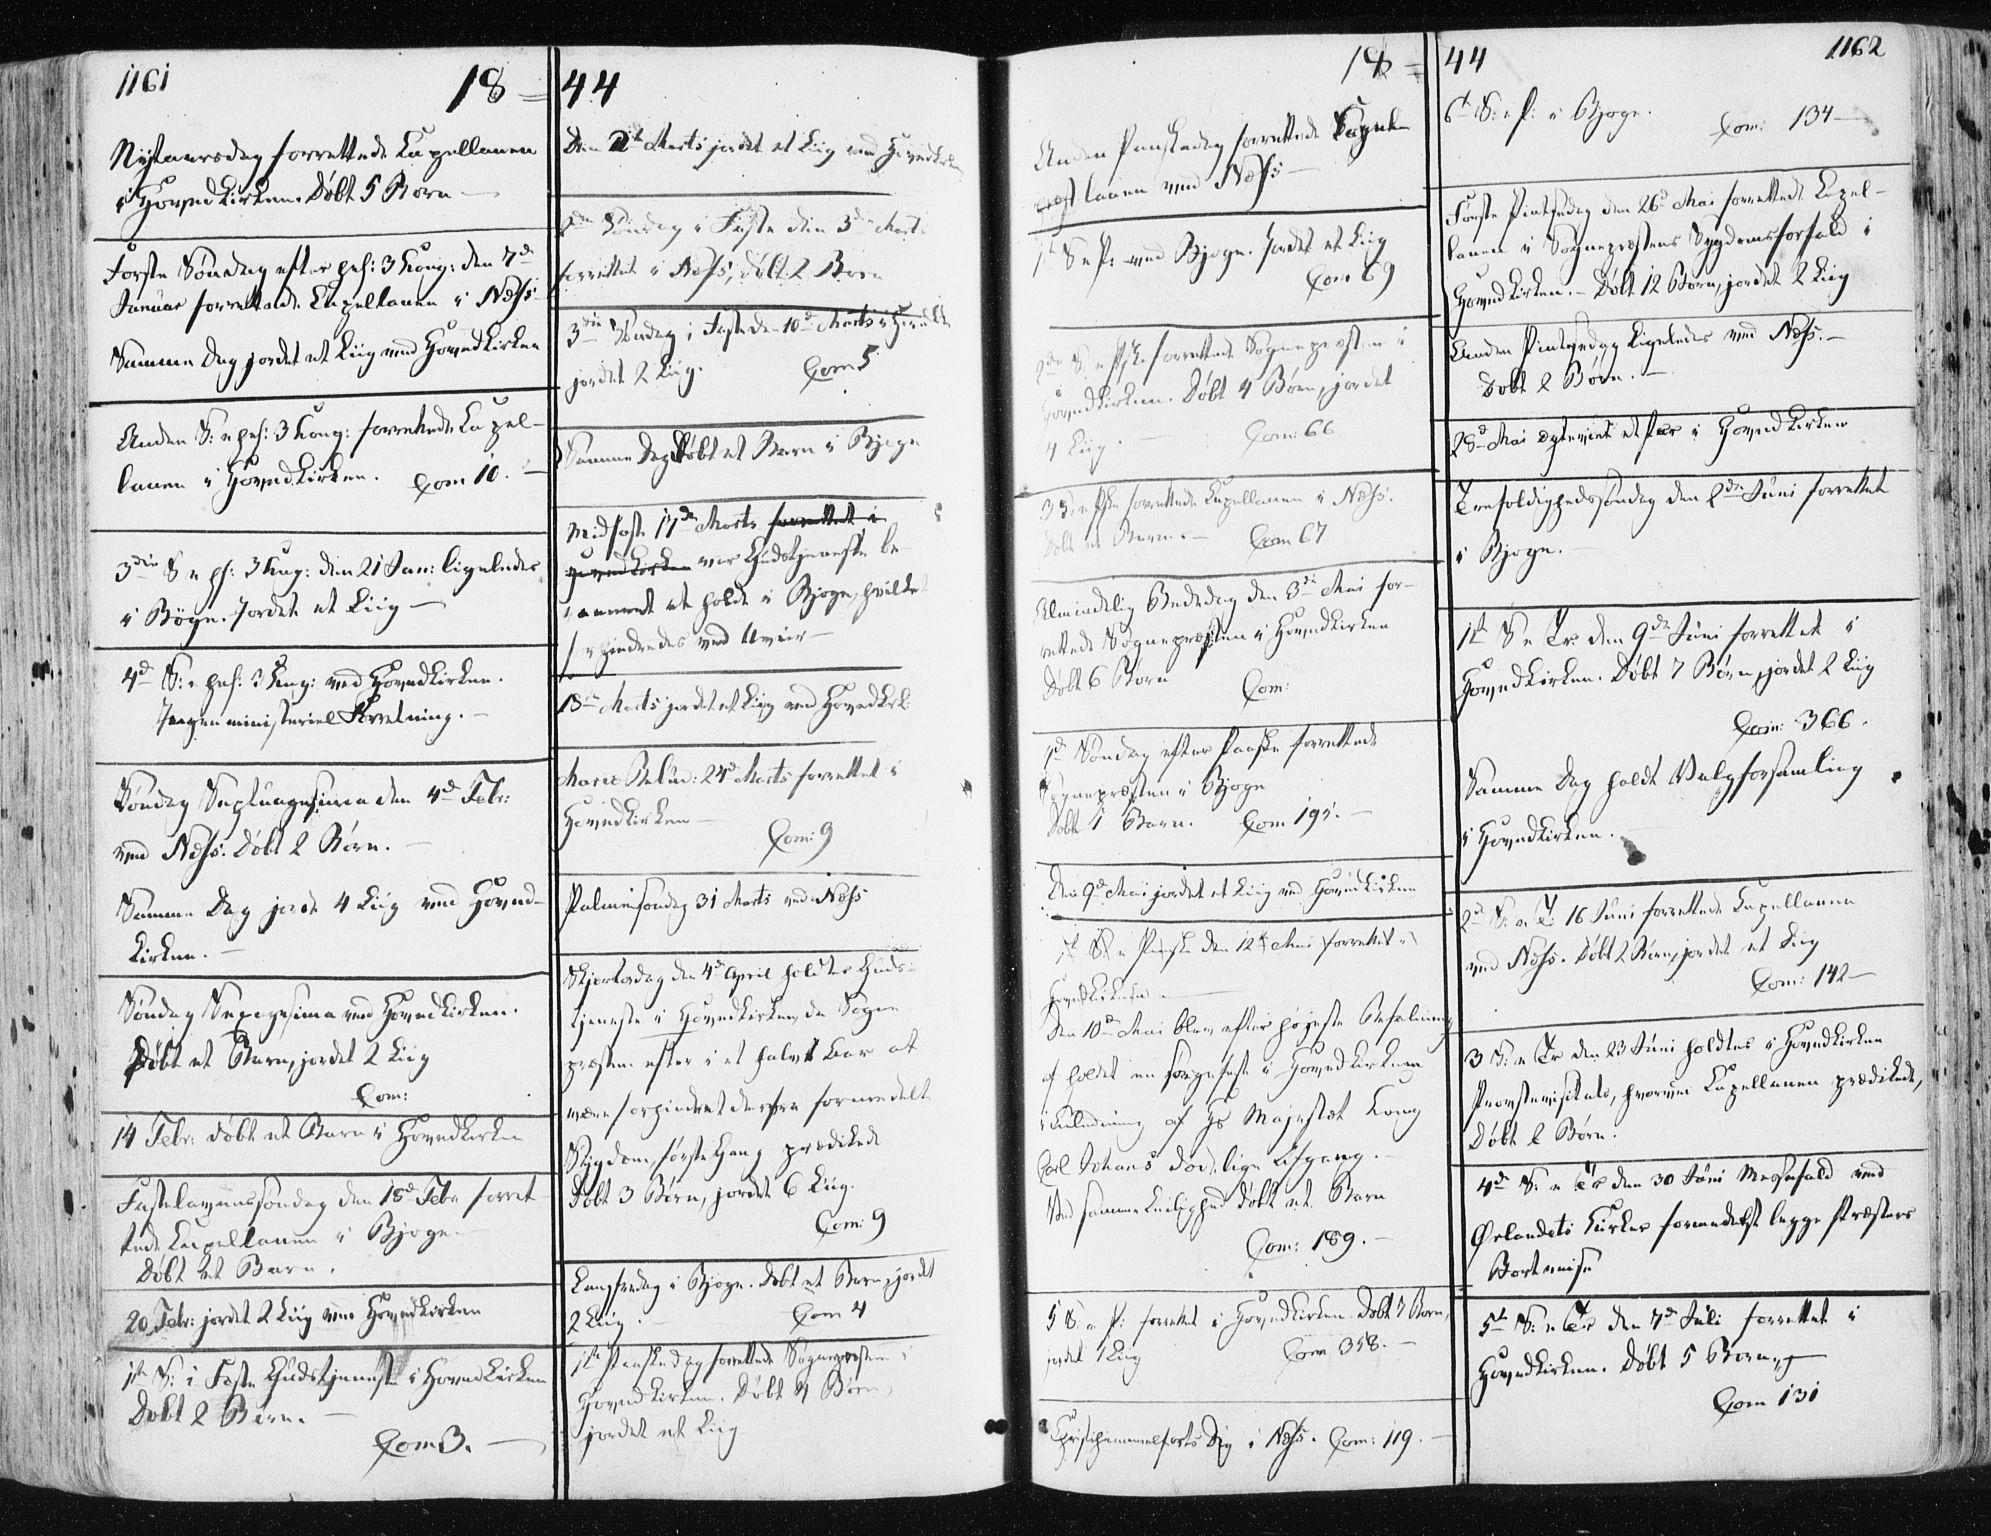 SAT, Ministerialprotokoller, klokkerbøker og fødselsregistre - Sør-Trøndelag, 659/L0736: Ministerialbok nr. 659A06, 1842-1856, s. 1161-1162